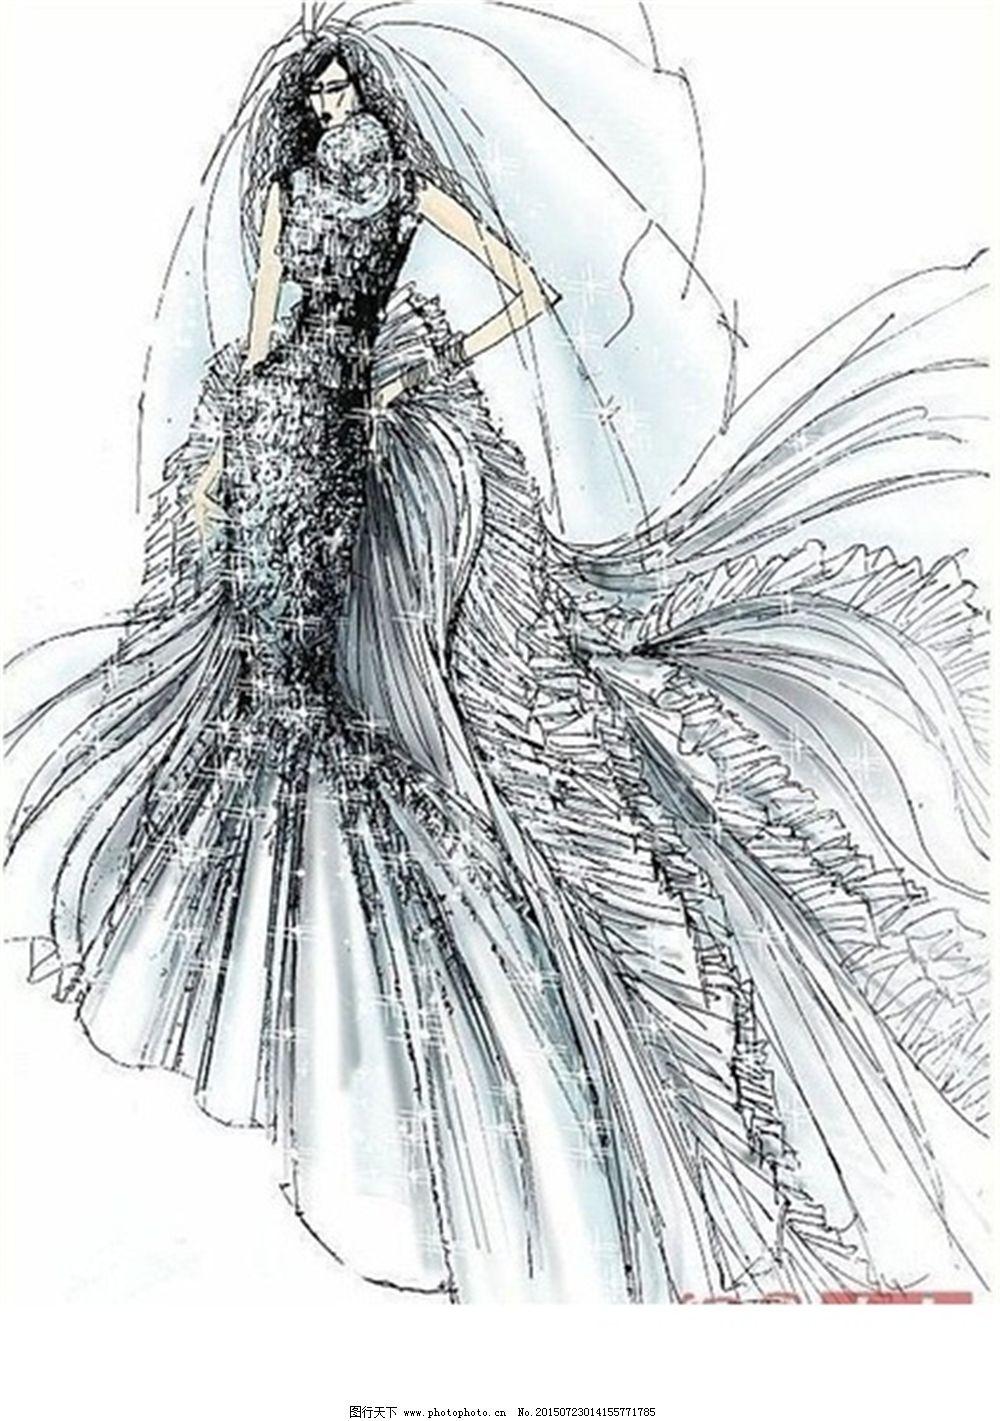 设计图库 服装设计 手绘服装设计    上传: 2015-7-23 大小: 2.